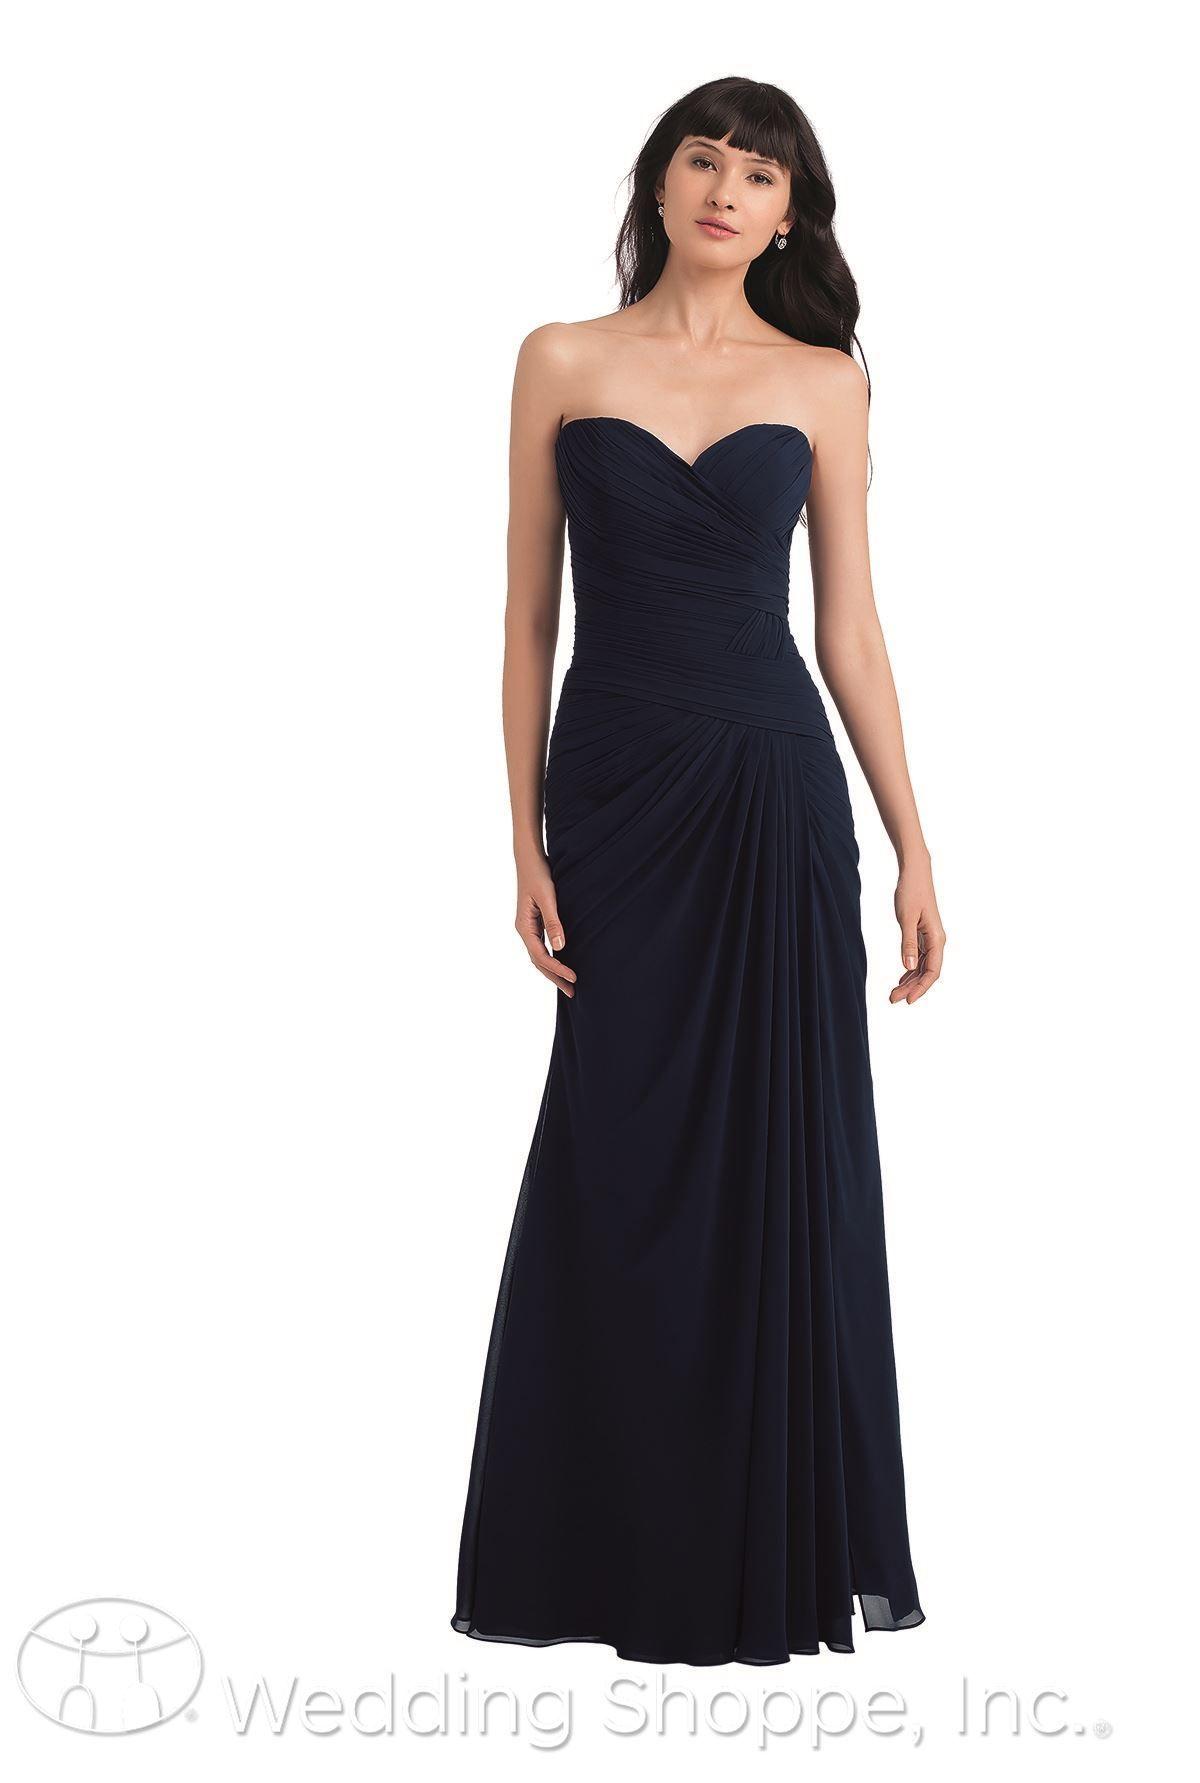 480b4f2cf4 Bill Levkoff Bridesmaid Dress 1146